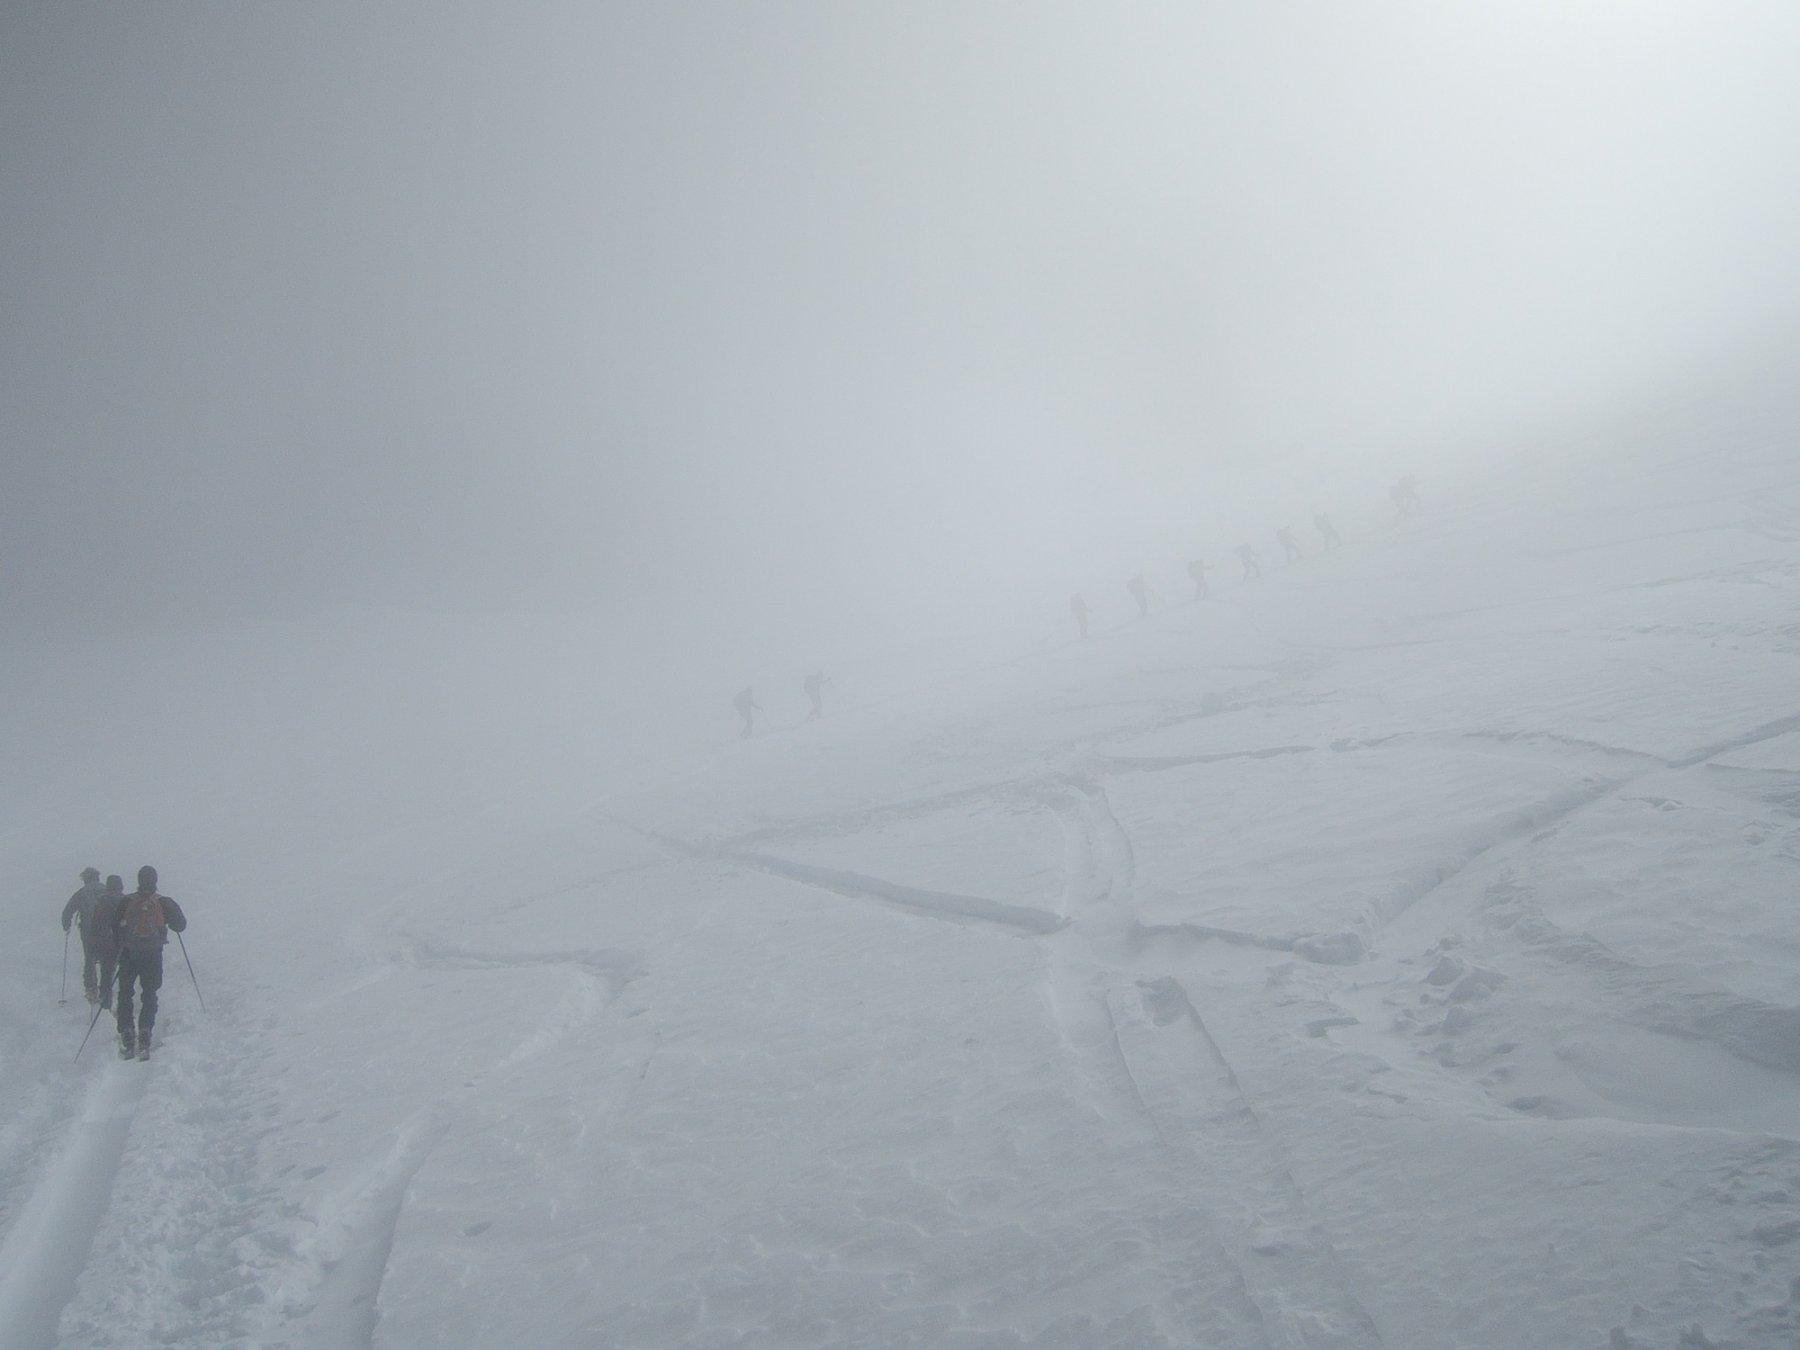 Sul ghiacciaio di Homattu nella nebbia